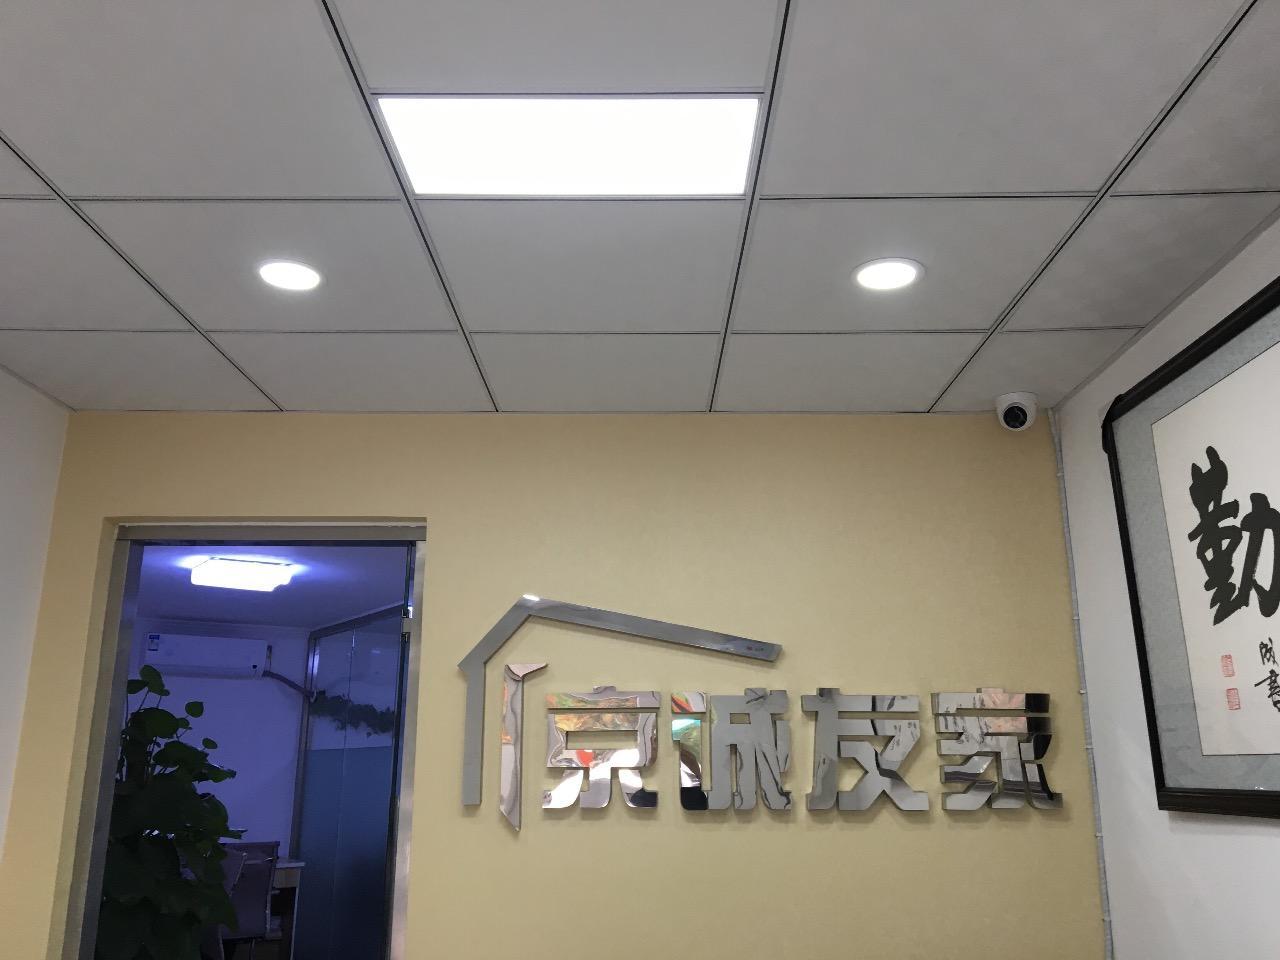 北京京诚友家房地产经纪有限公司第三分公司 最新采购和商业信息